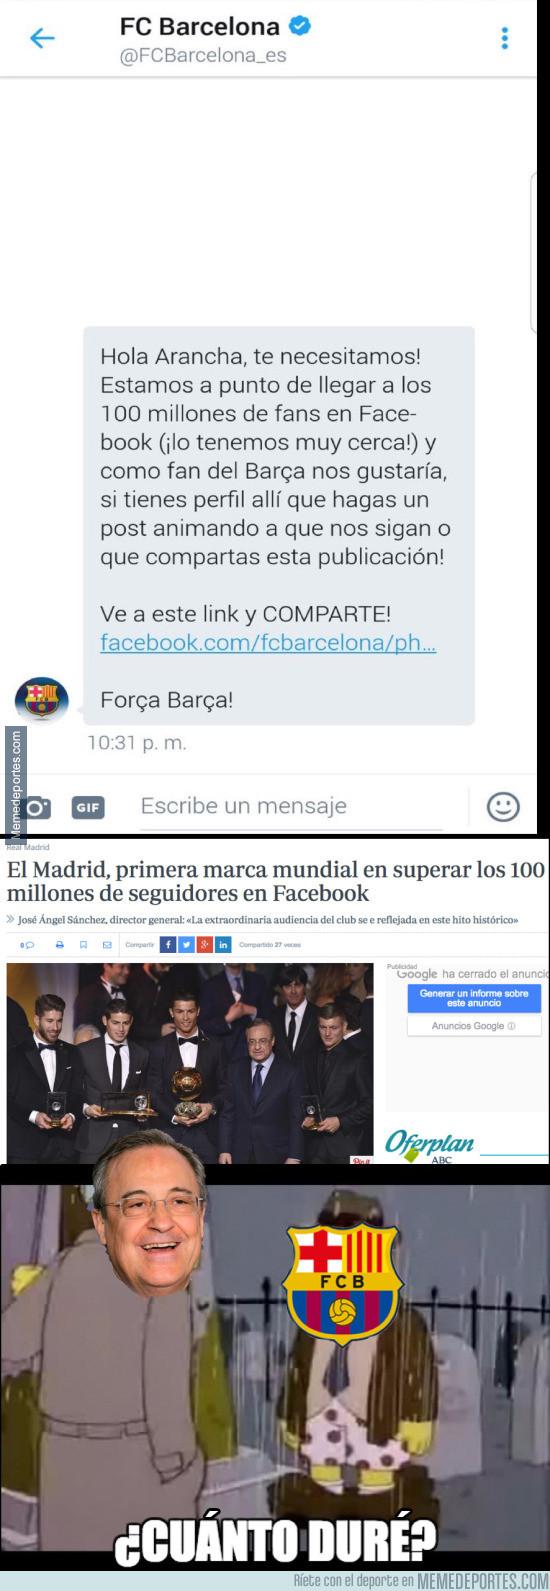 963865 - El Barça hace el ridículo pidiendo 'likes' para Facebook intentando superar al Madrid